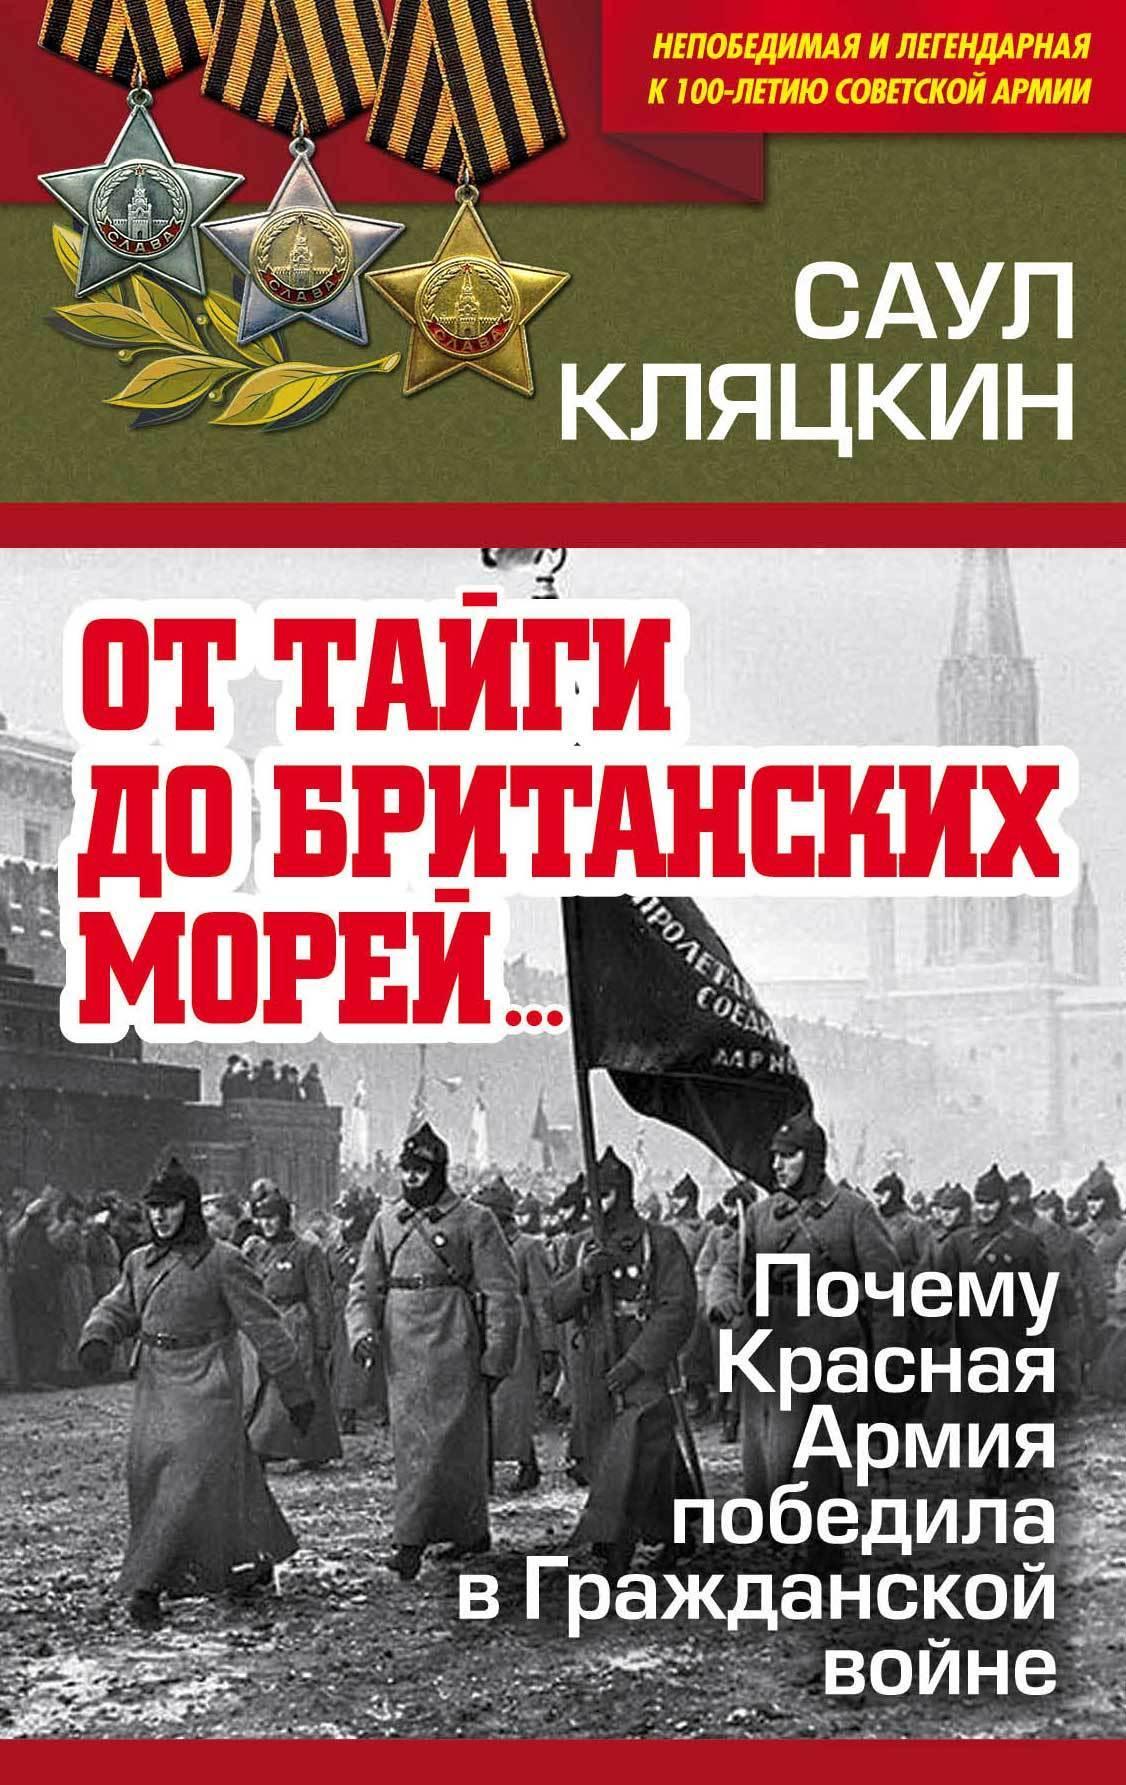 Саул Кляцкин «От тайги до британских морей…»: Почему Красная Армия победила в Гражданской войне алексей исаев пять кругов ада красная армия в котлах